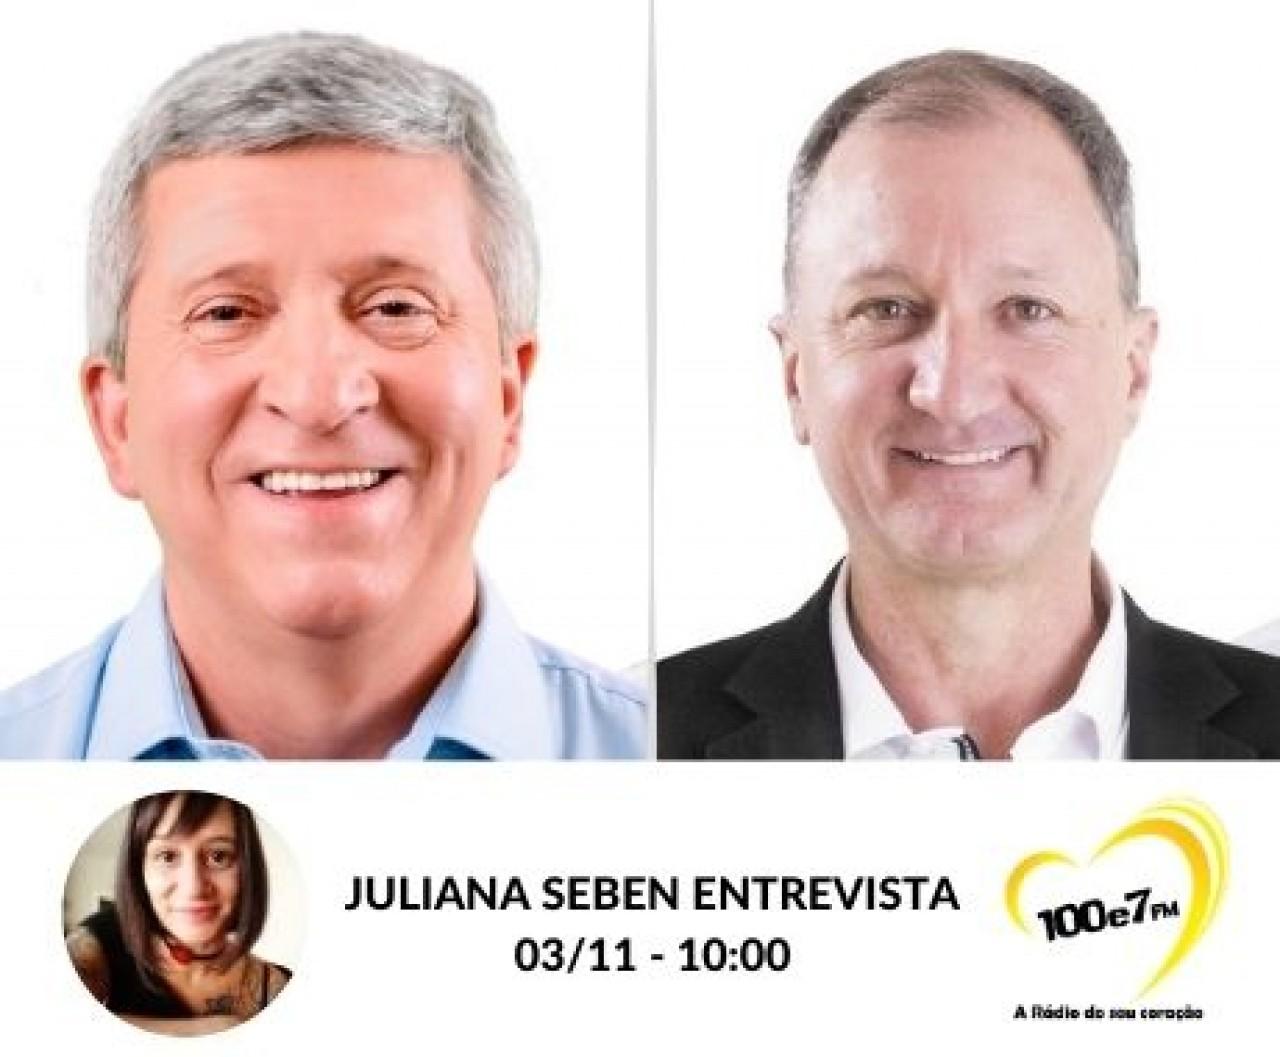 100e7 entrevista os candidatos a Prefeito de Tapejara